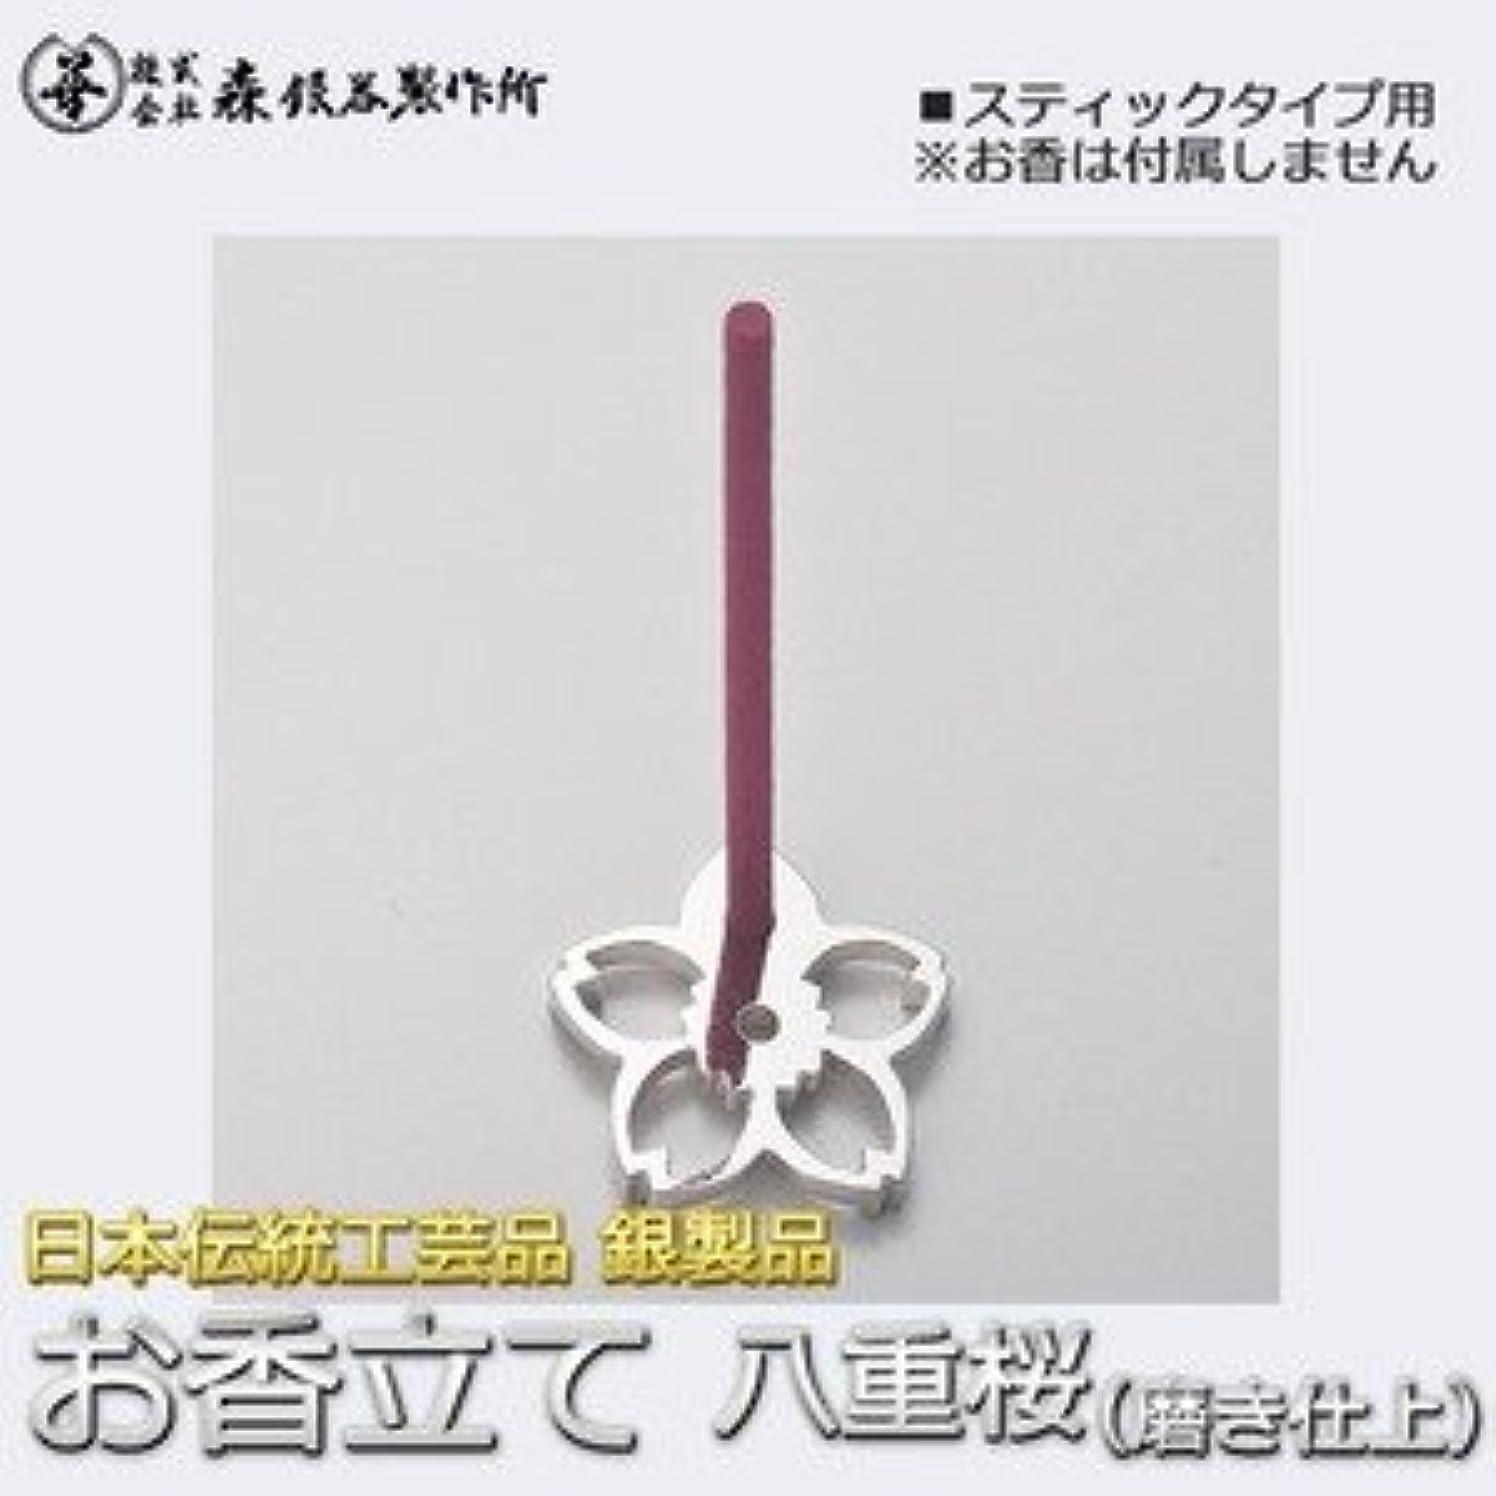 却下するほかにそれによって香立て 八重桜 銀製 磨き仕上げ 日本伝統工芸品 ハンドメイド スターリングシルバー